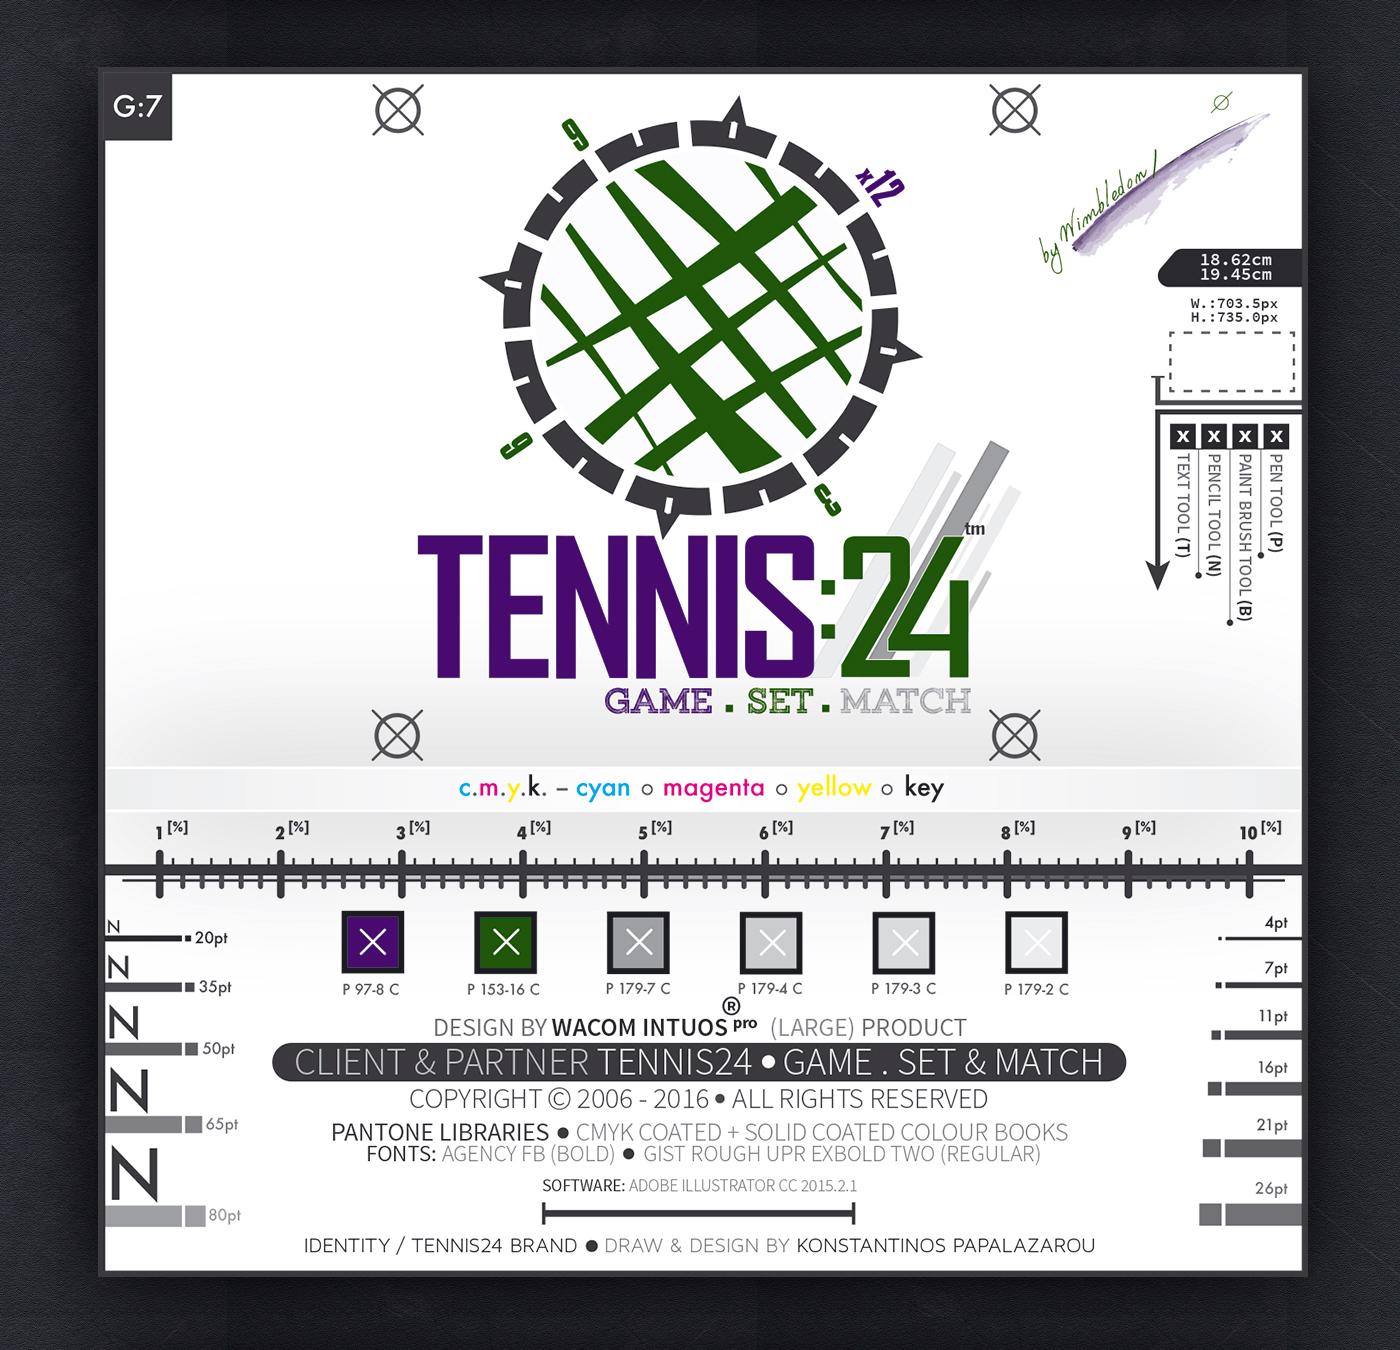 konstantinos papalazarou papalazarou konstantinos VisionArt vision art studios vision art tennis24 tennis logo logotype presentation brand wacom intuos pro